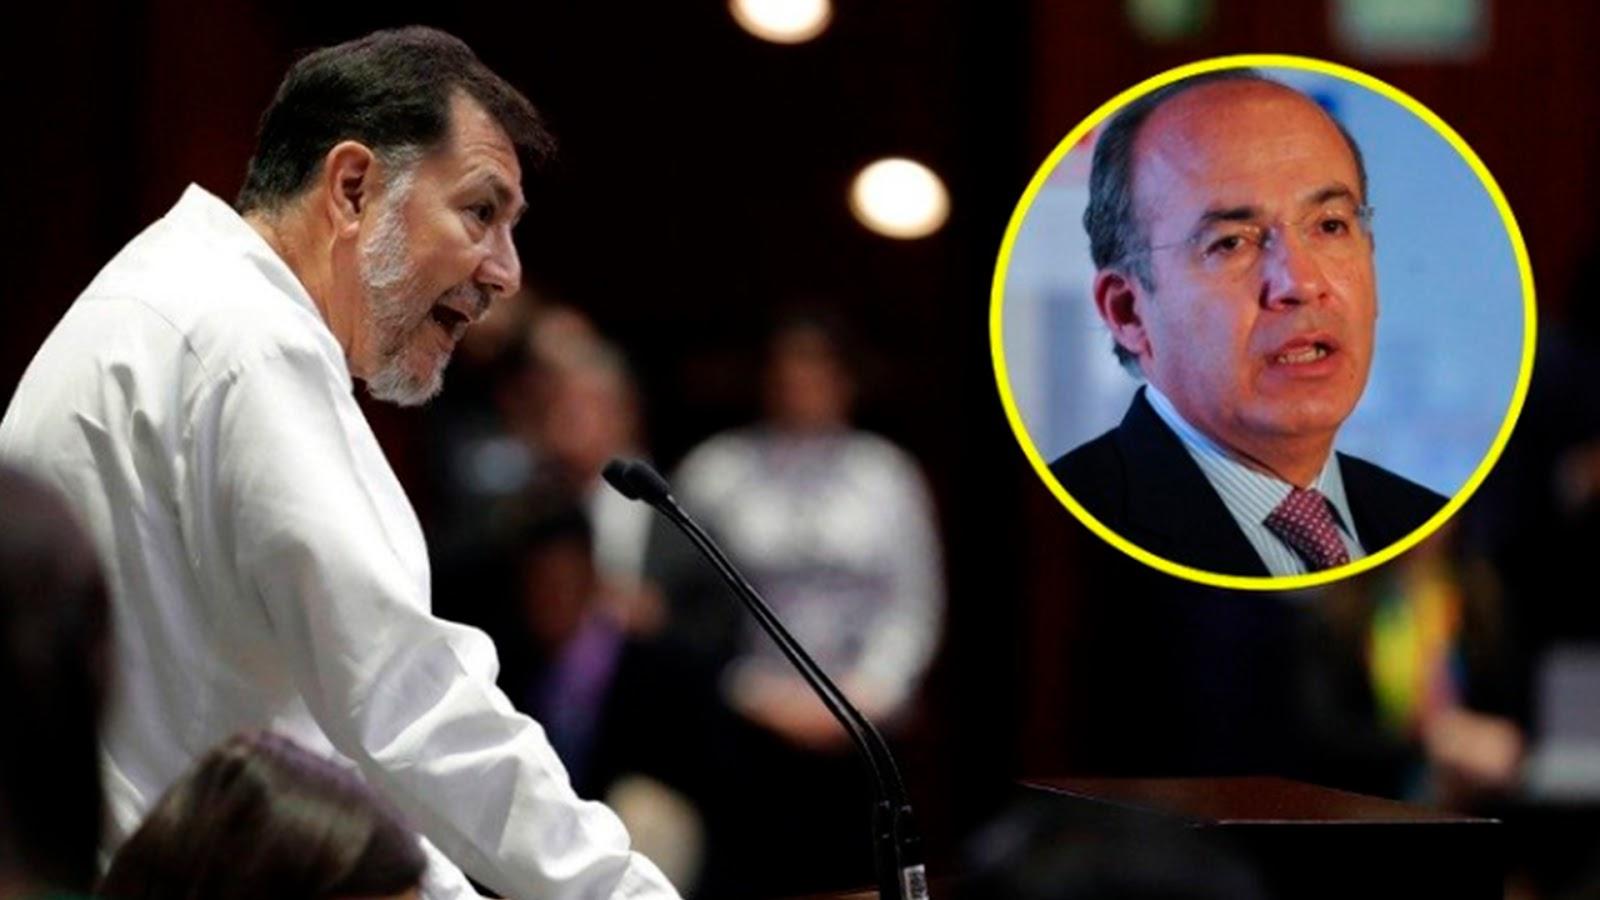 Noroña reta a Calderón a debatir sobre energía, para que se anime le promete botella